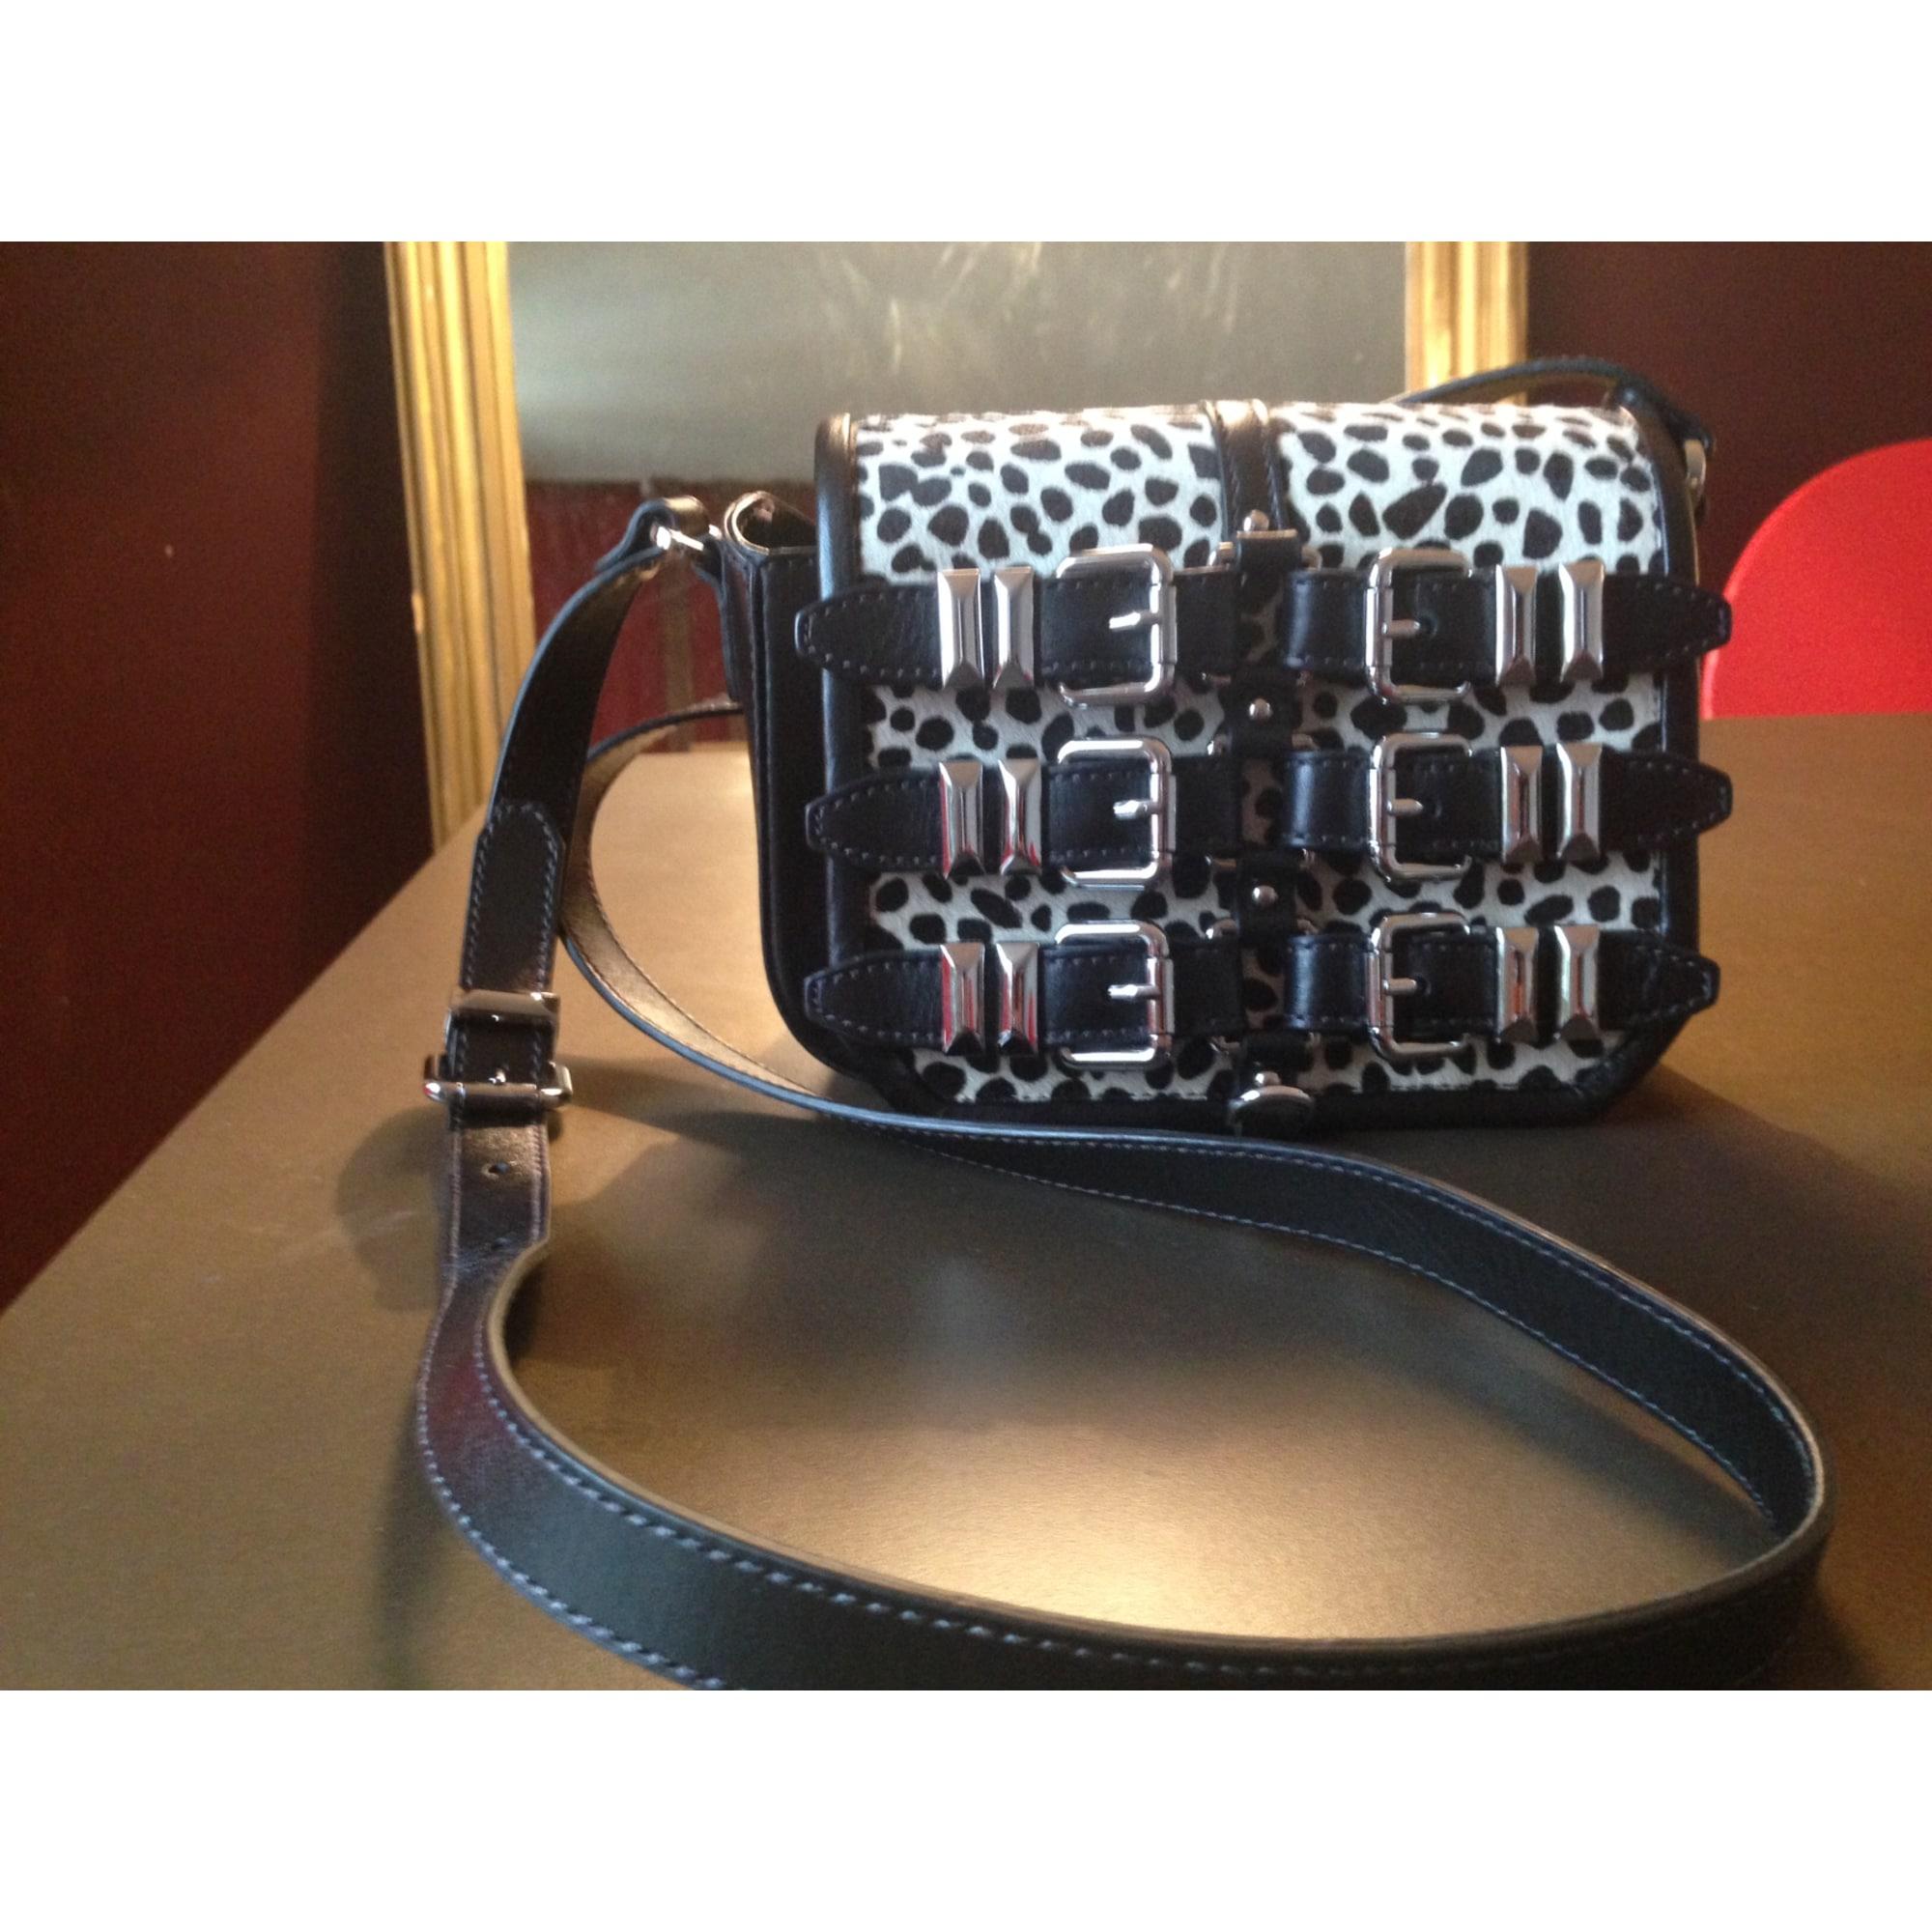 82f7224e1e Sac en bandoulière en cuir THE KOOPLES noir vendu par Poupiss - 5410686